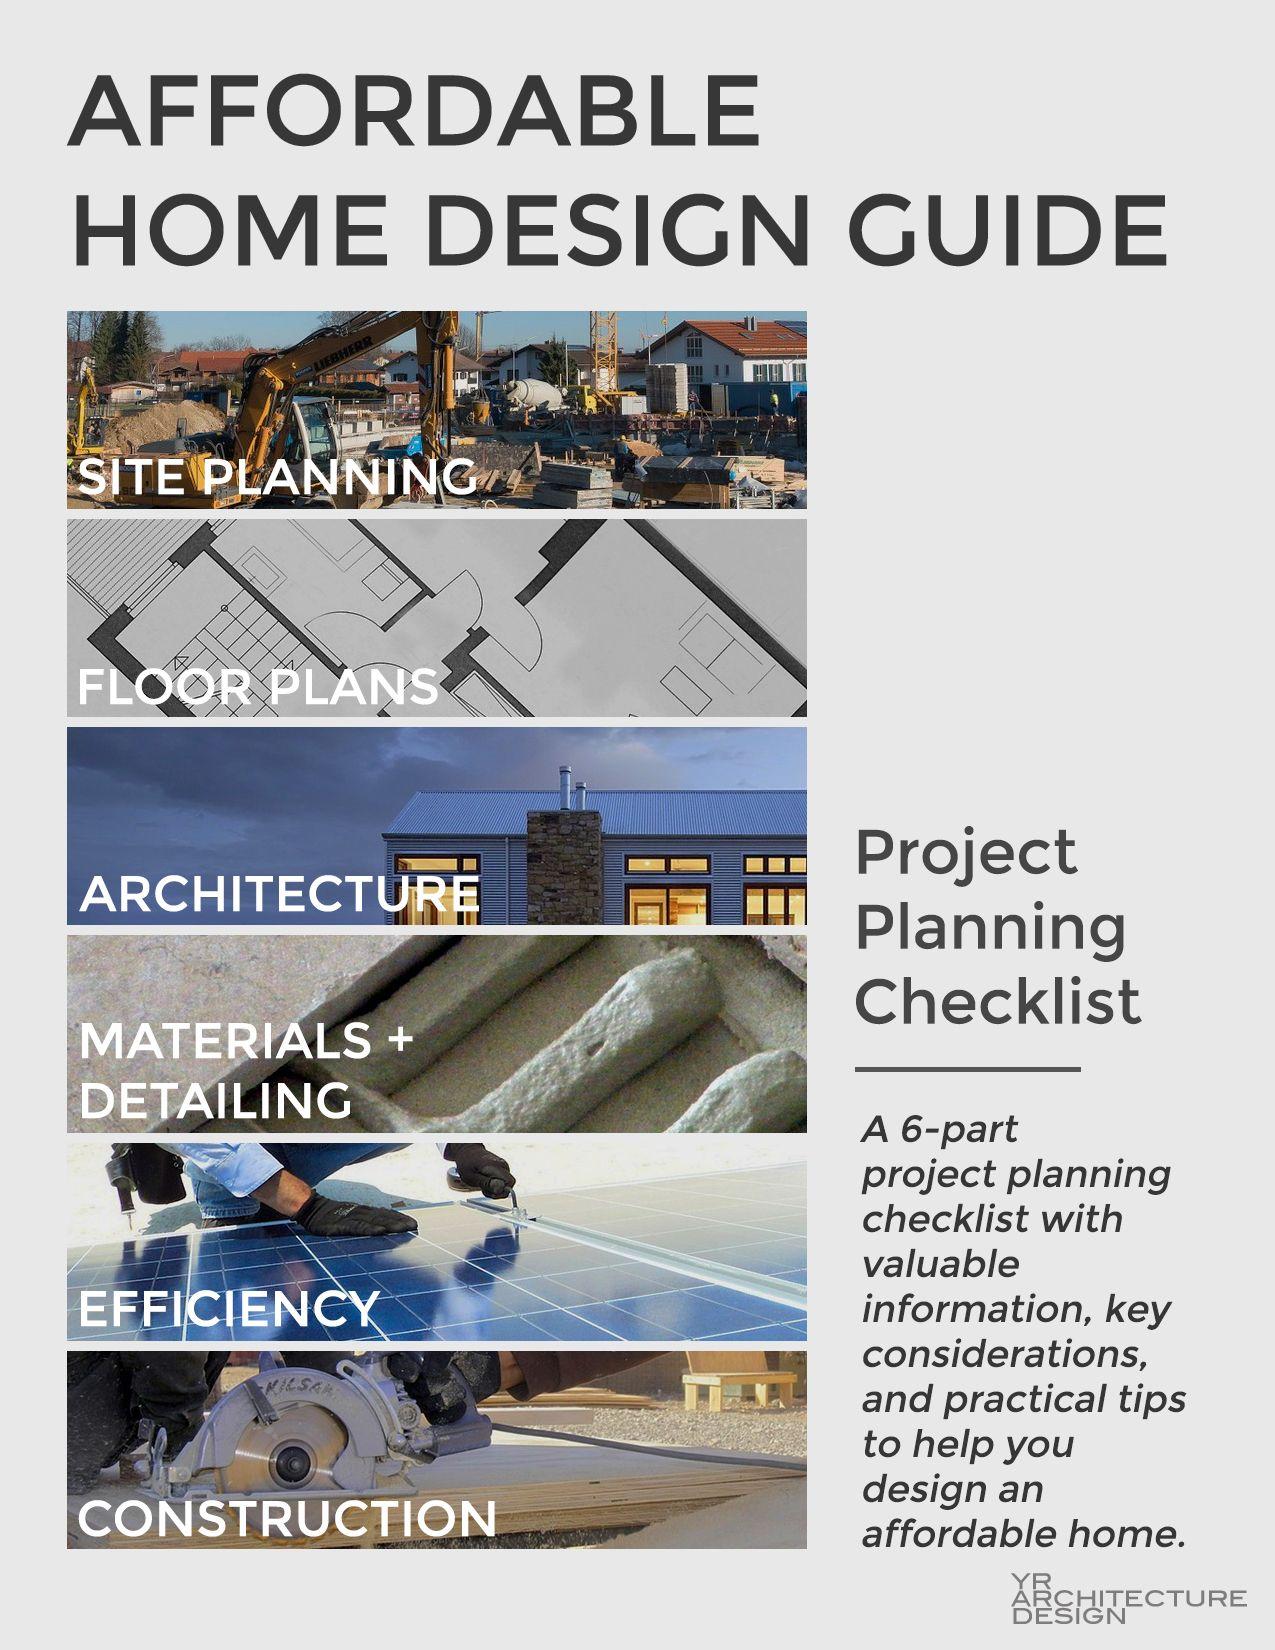 Attic Conversions Regulations Requirements & Design Considerations